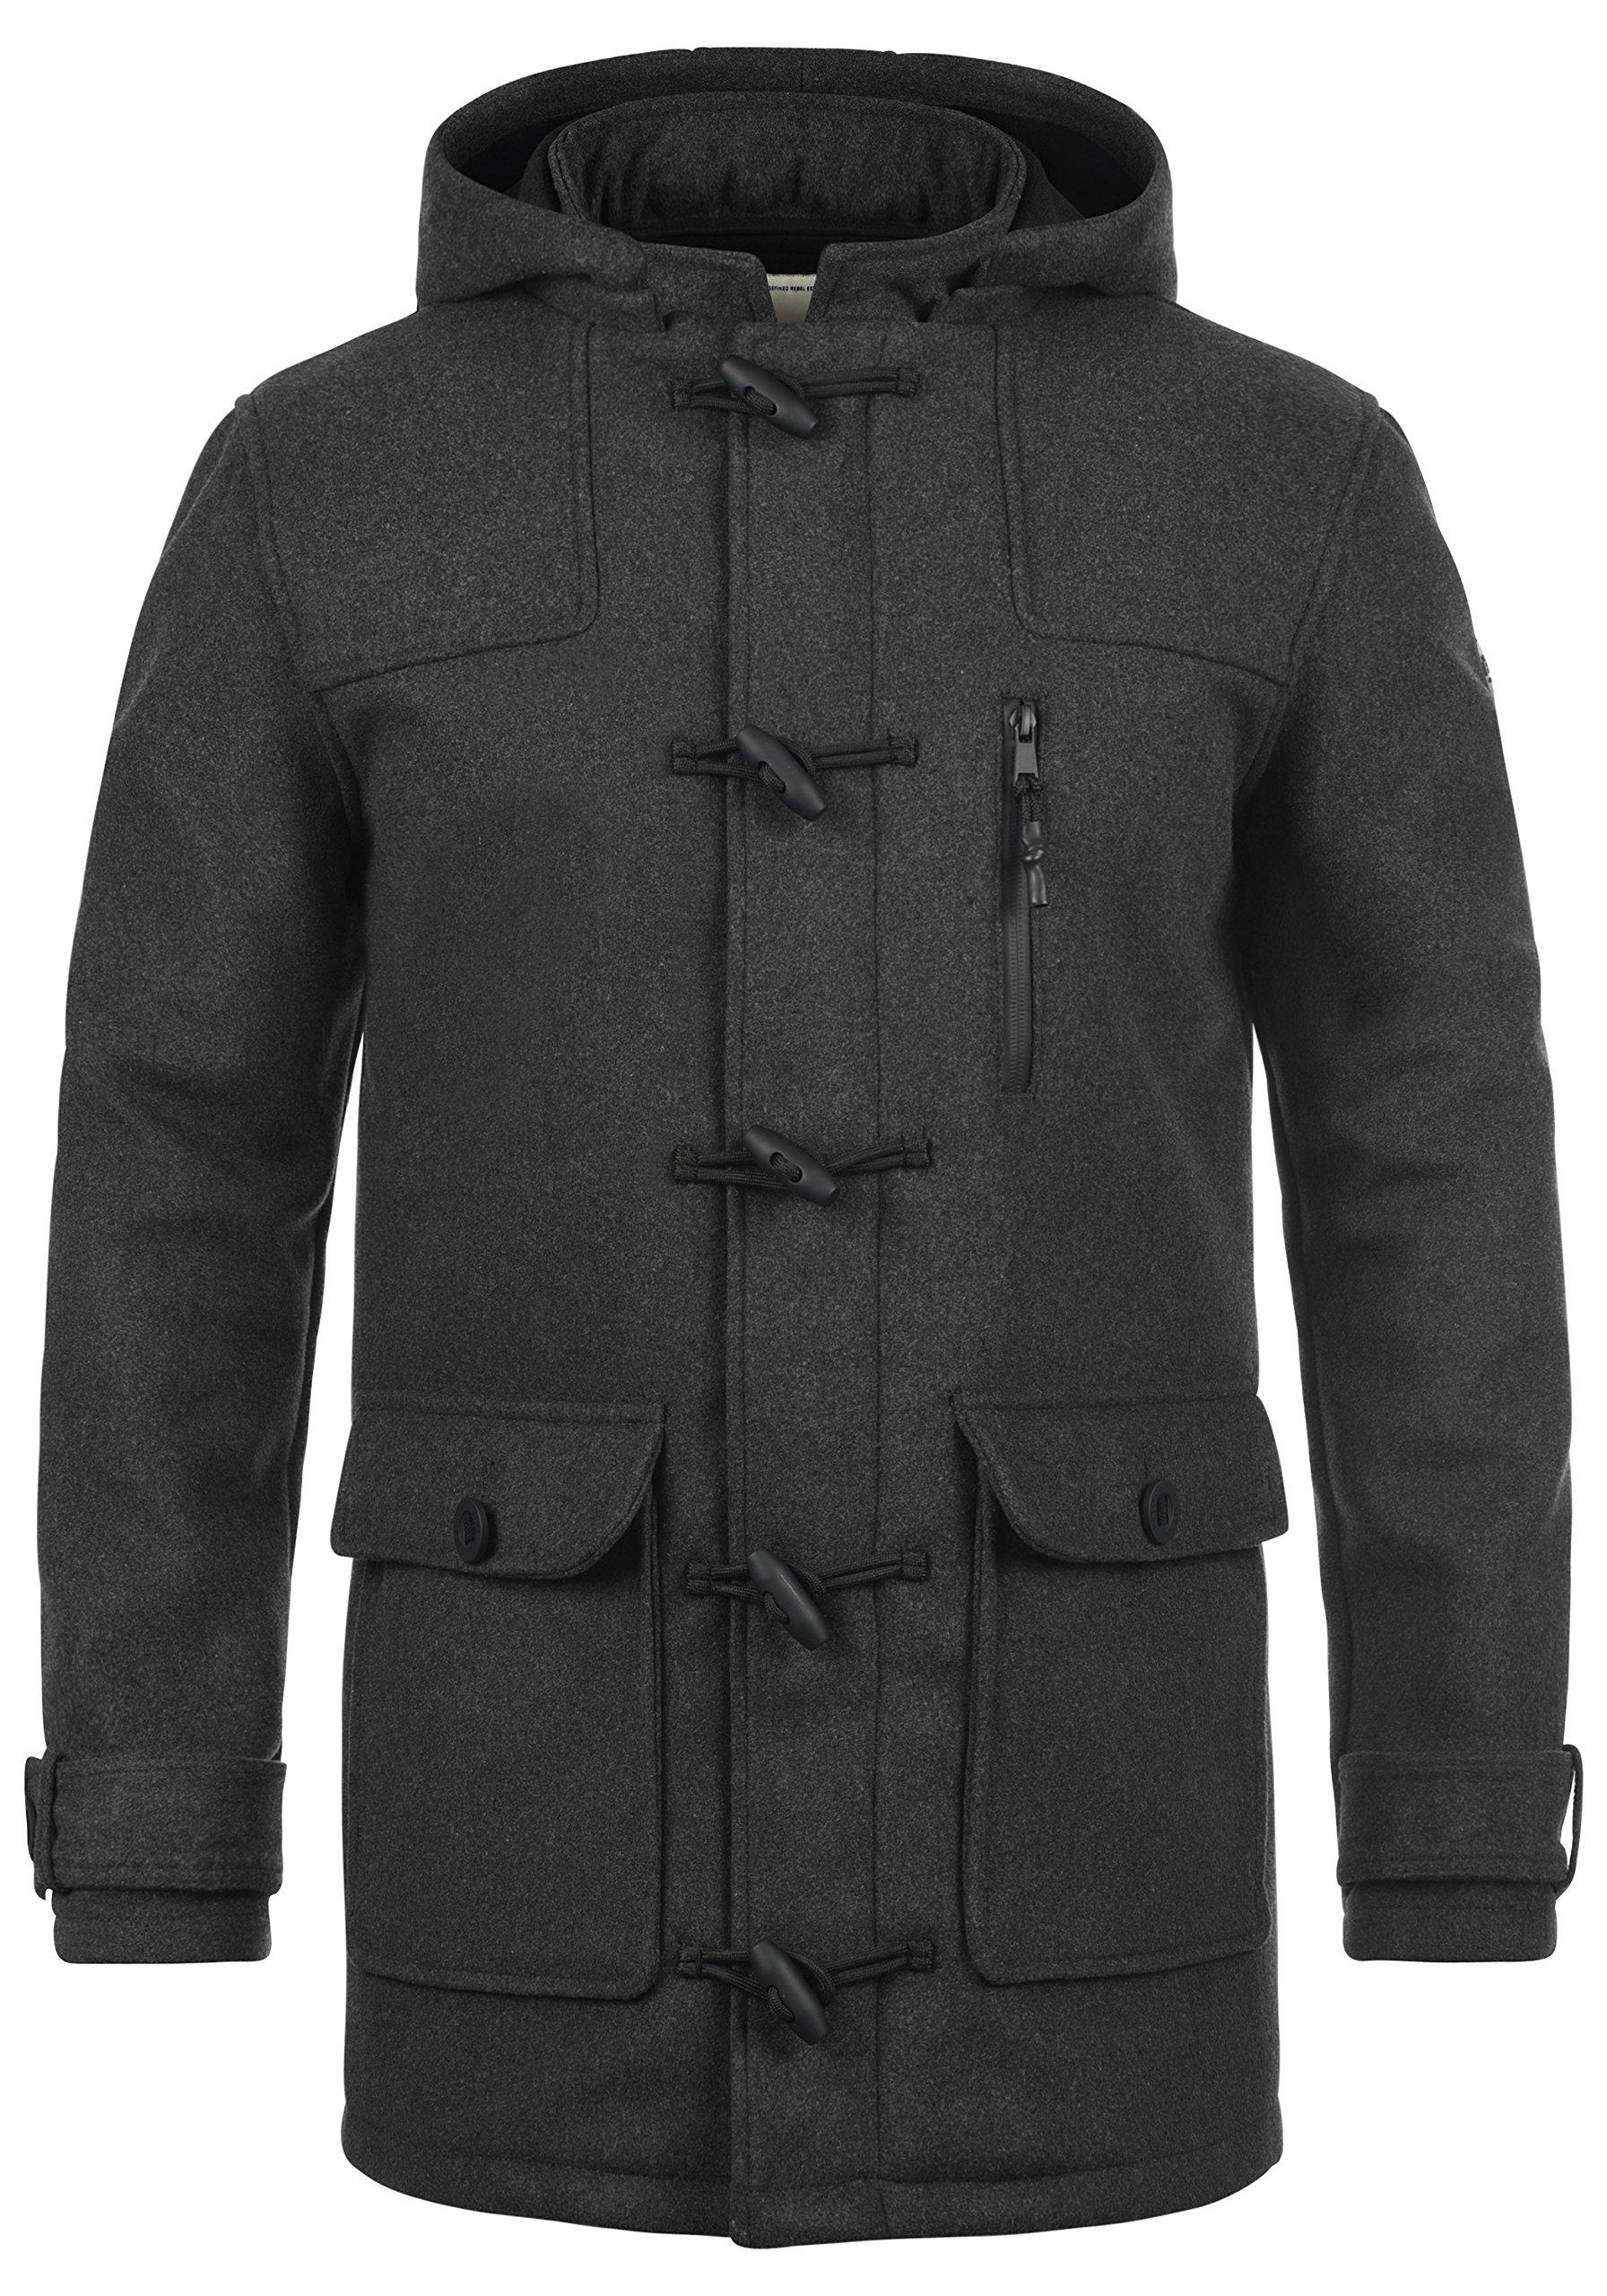 Redefined Rebel Mozart Duffle-Coat Abrigo Chaqueta De Lana para Hombre con Cuello Alto product